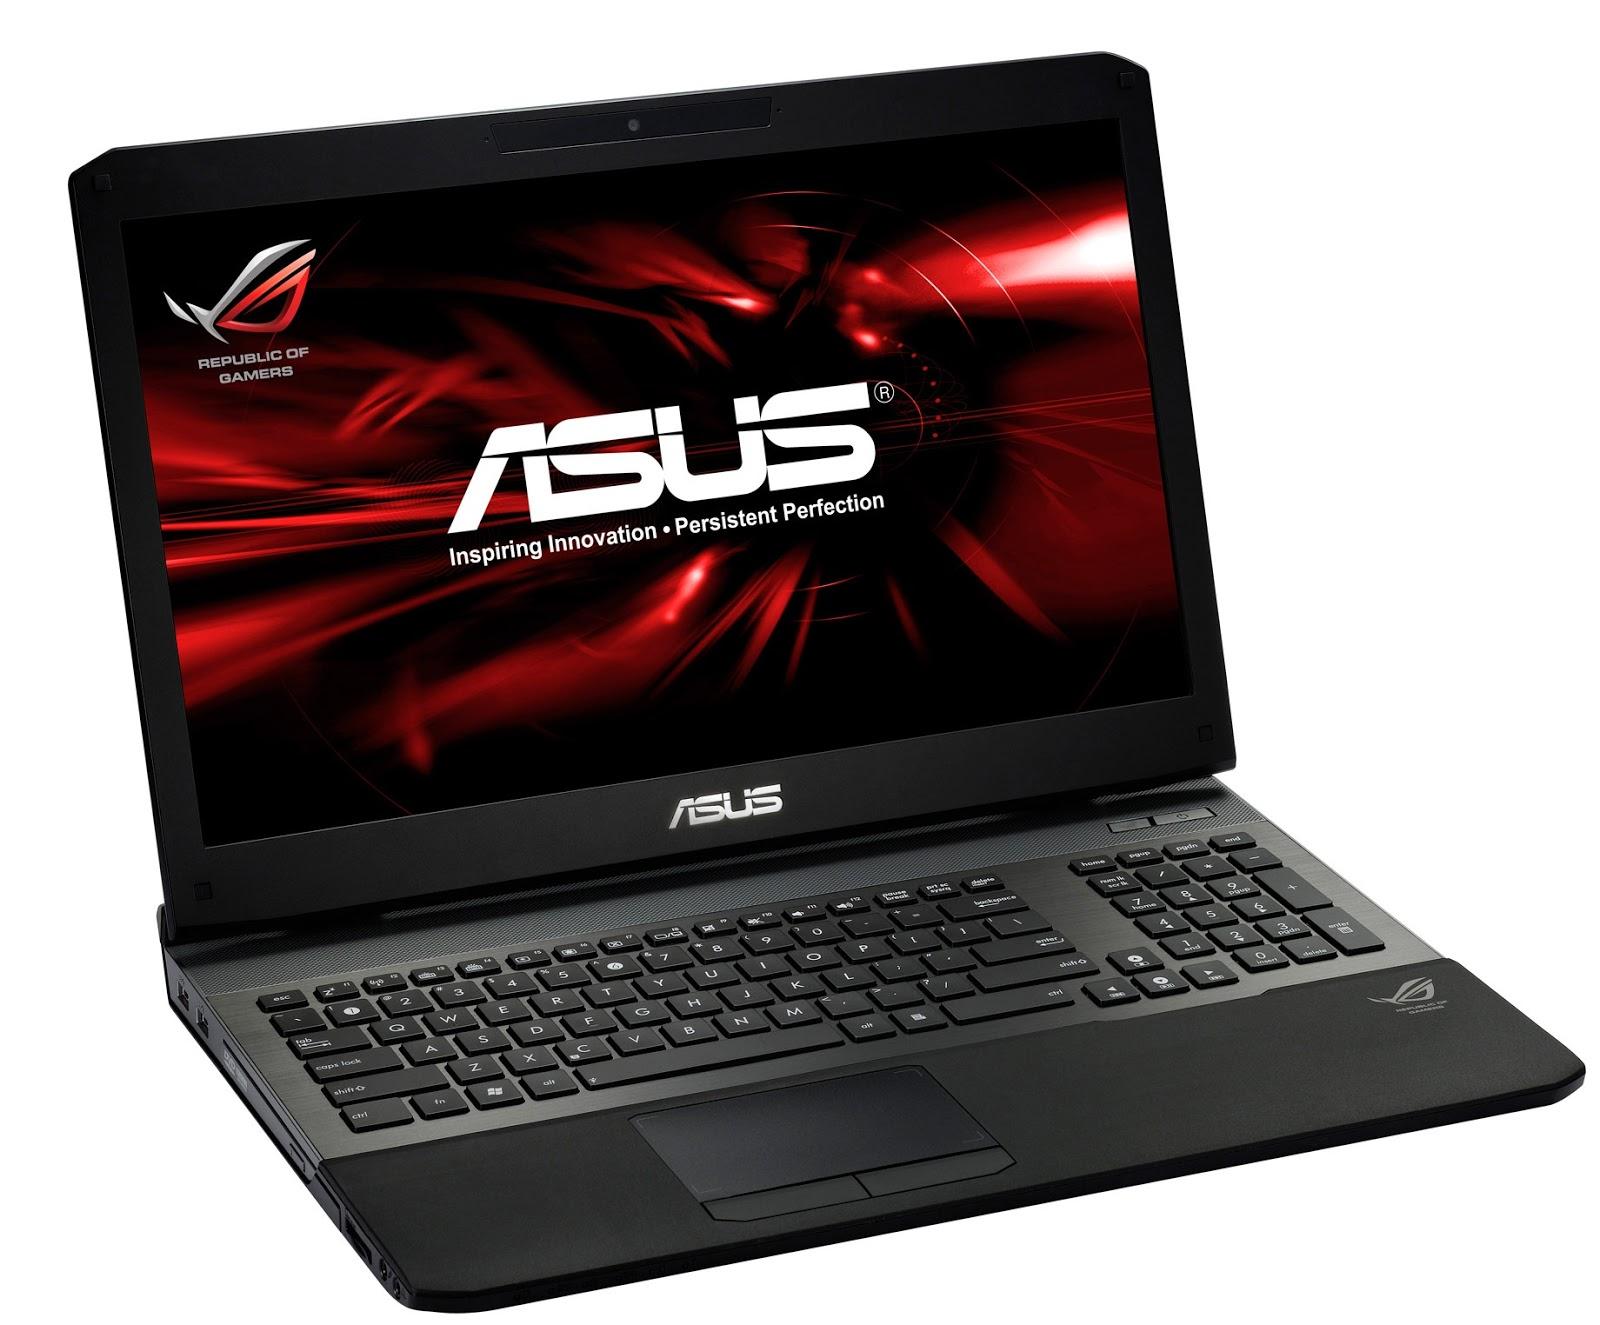 ASUS+G75VW.jpg